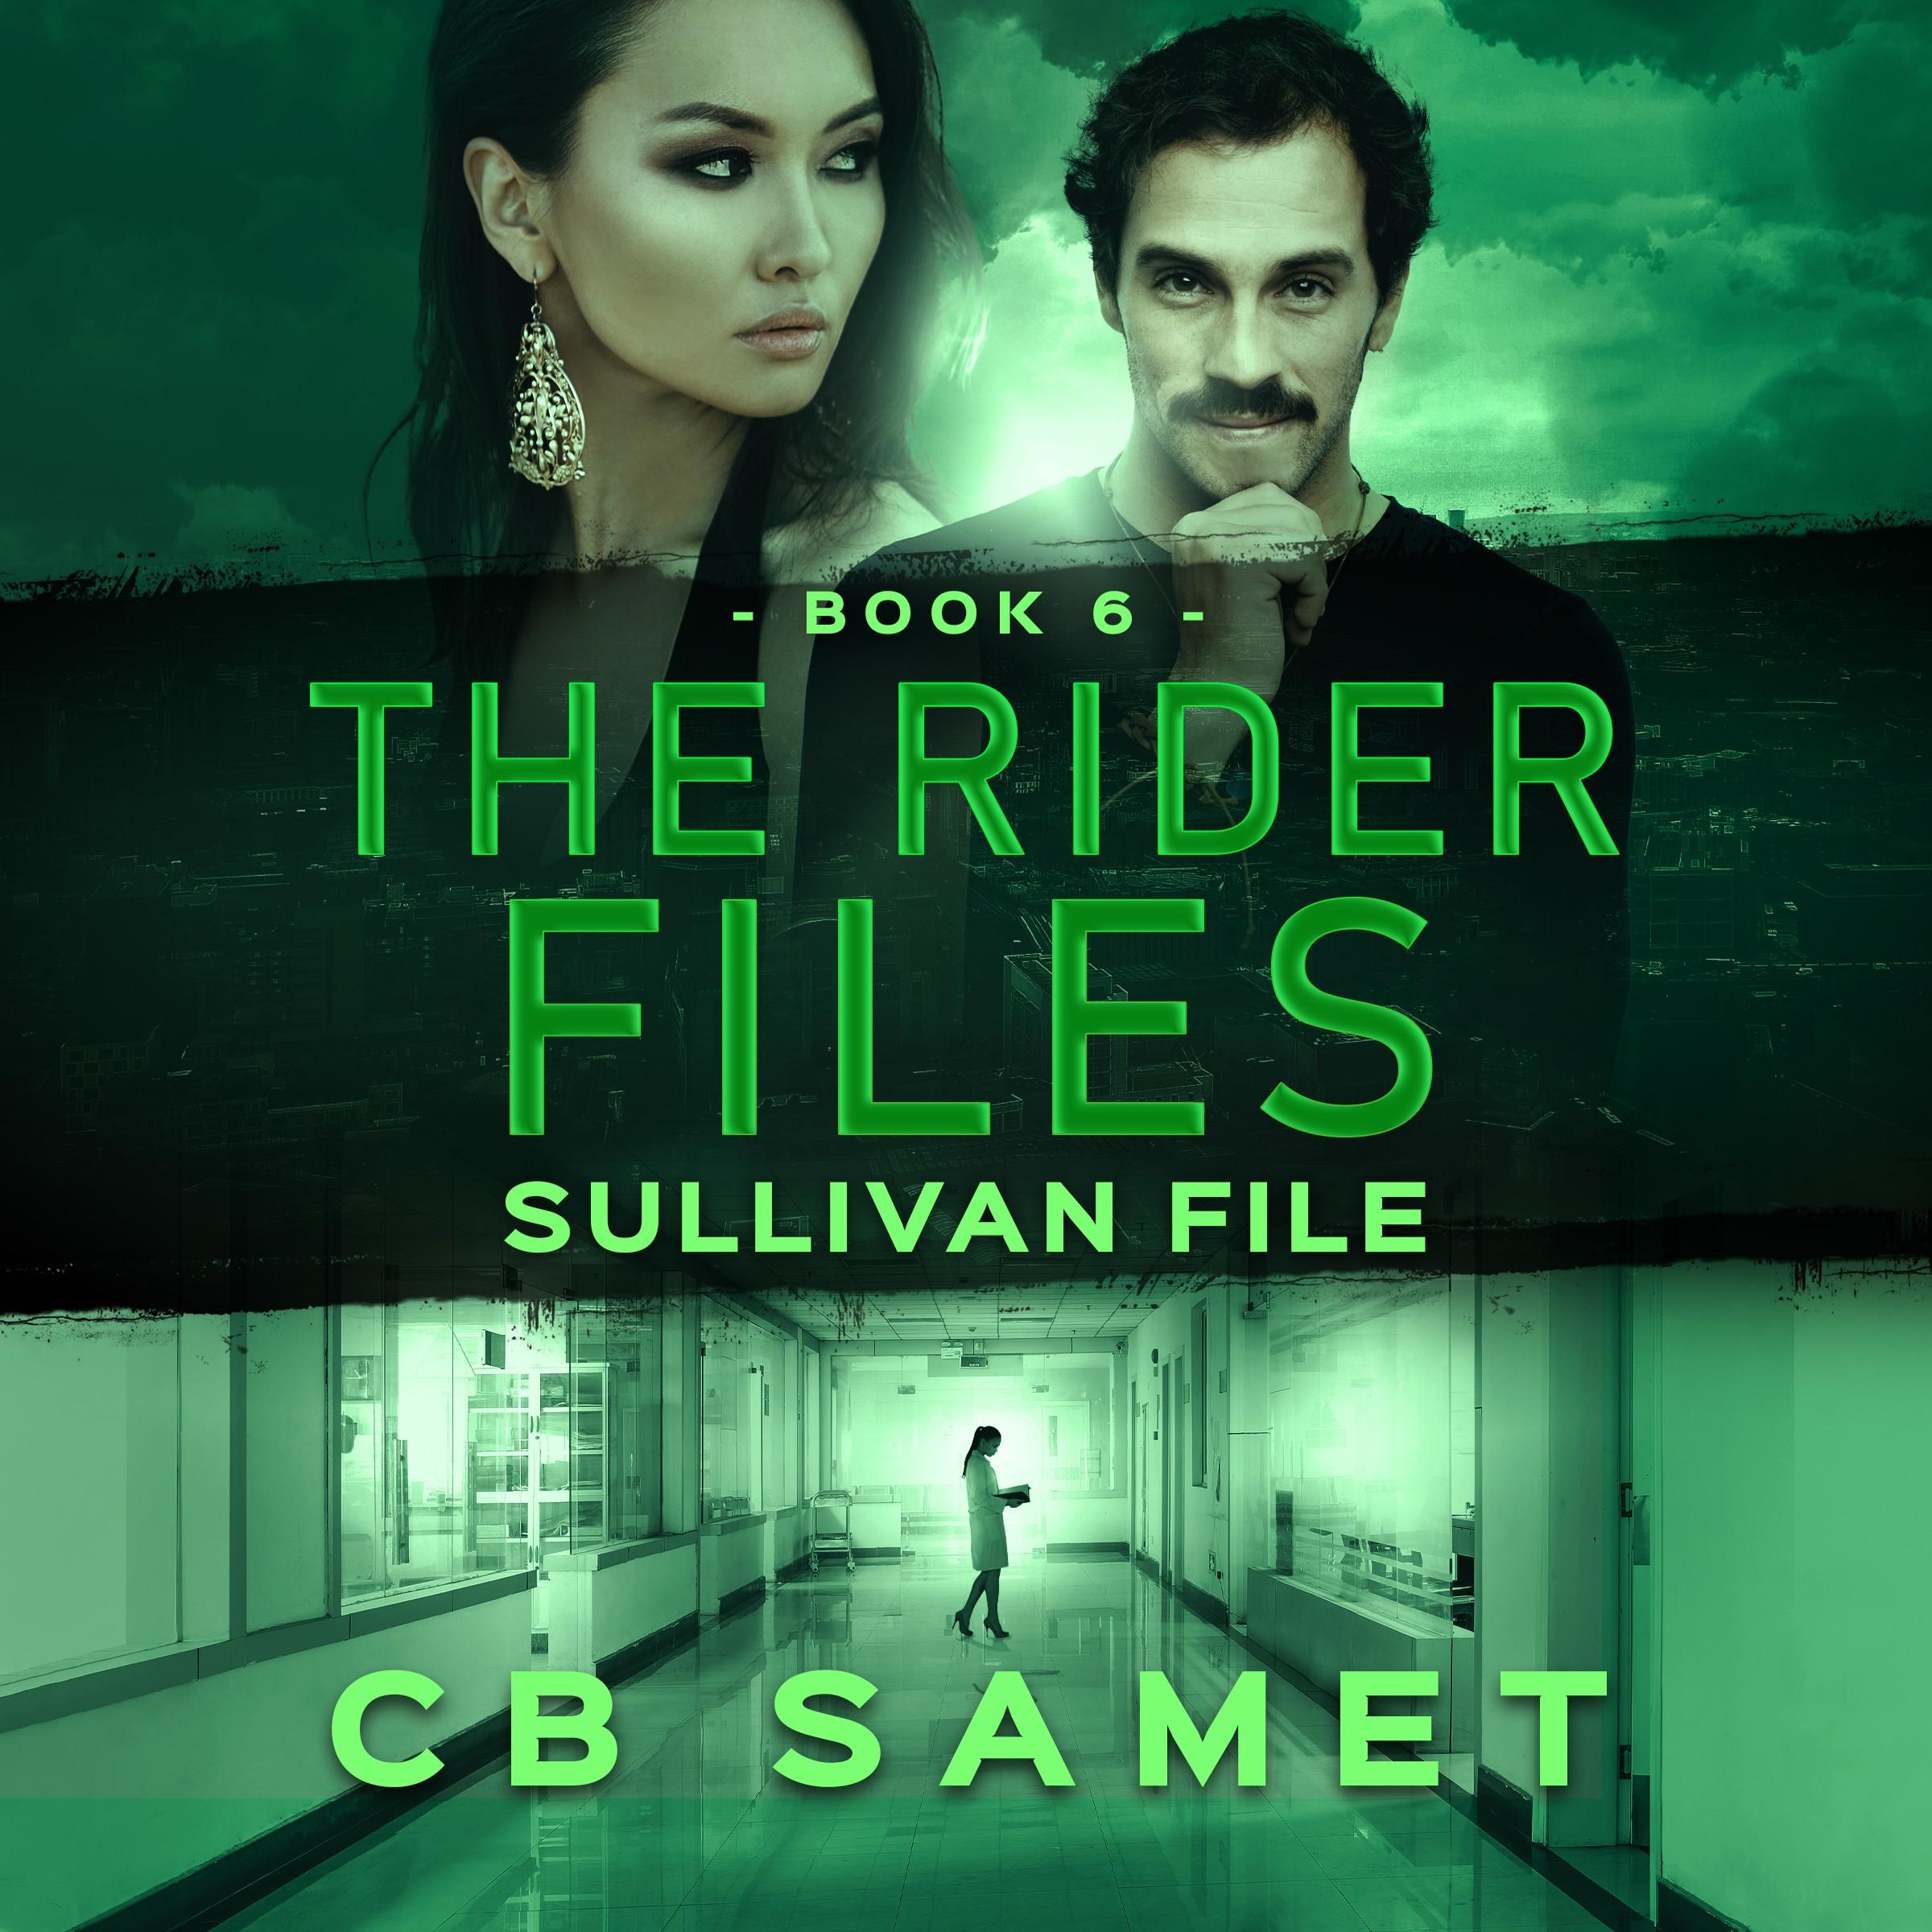 Sullivan File (The Rider Files Book 6)